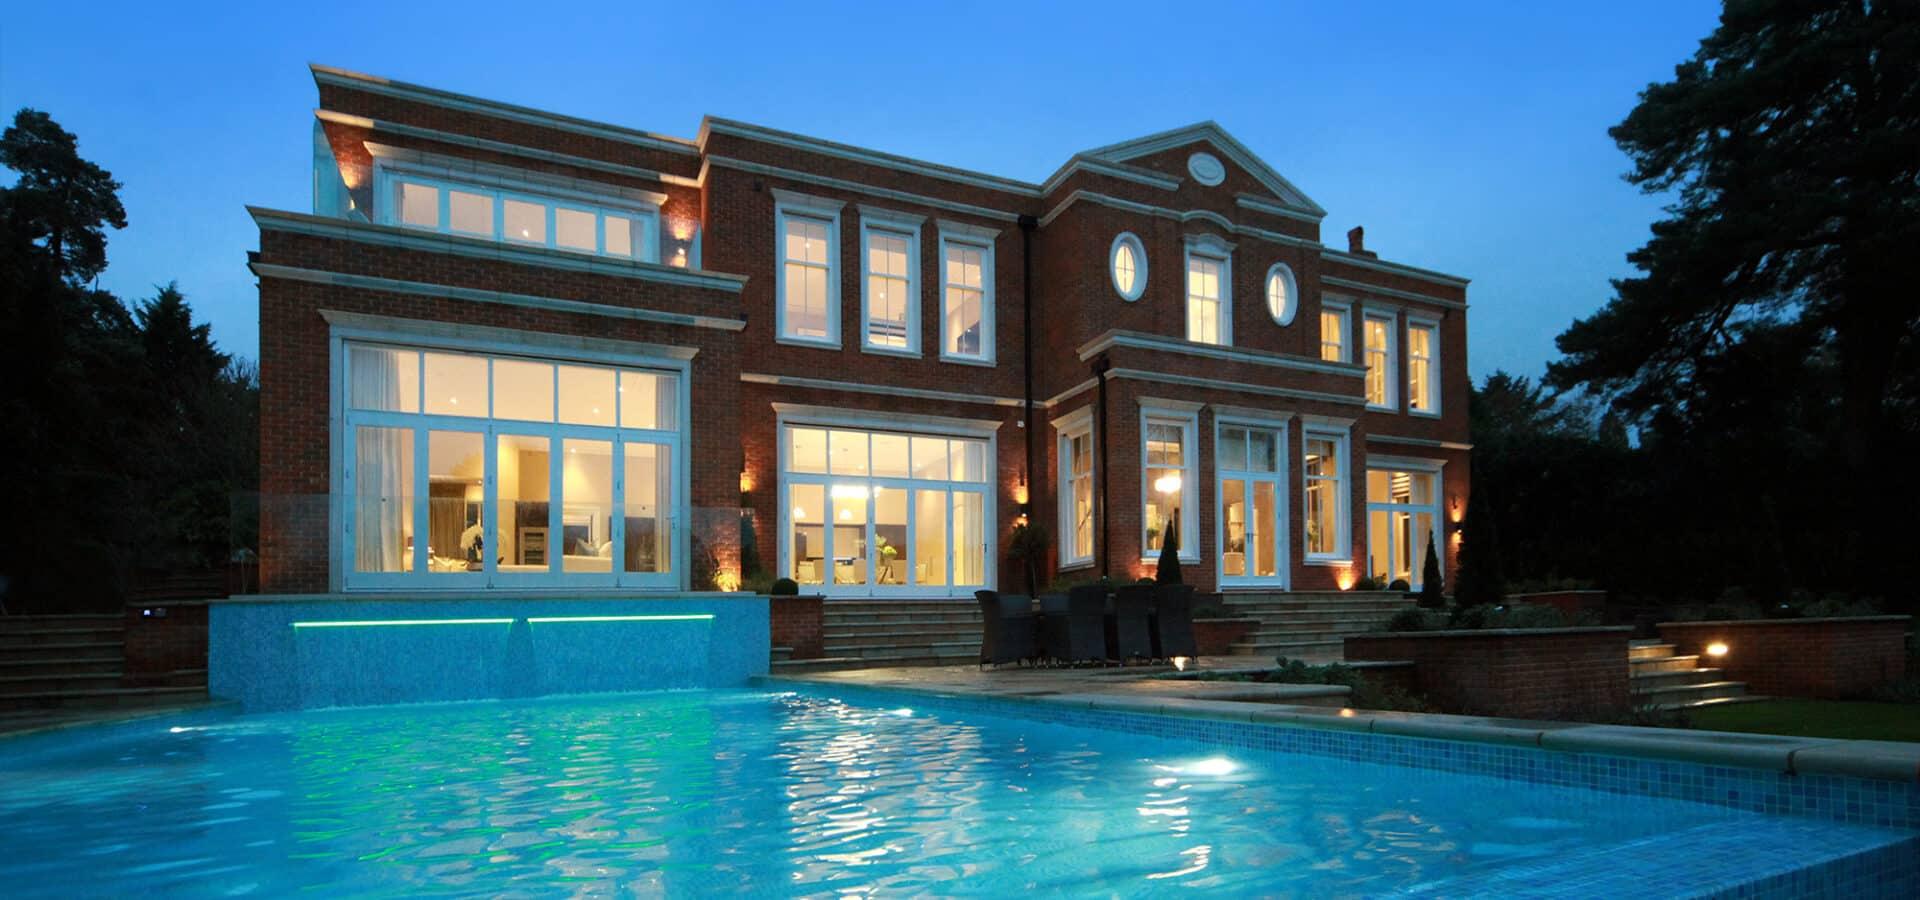 Falconwood House